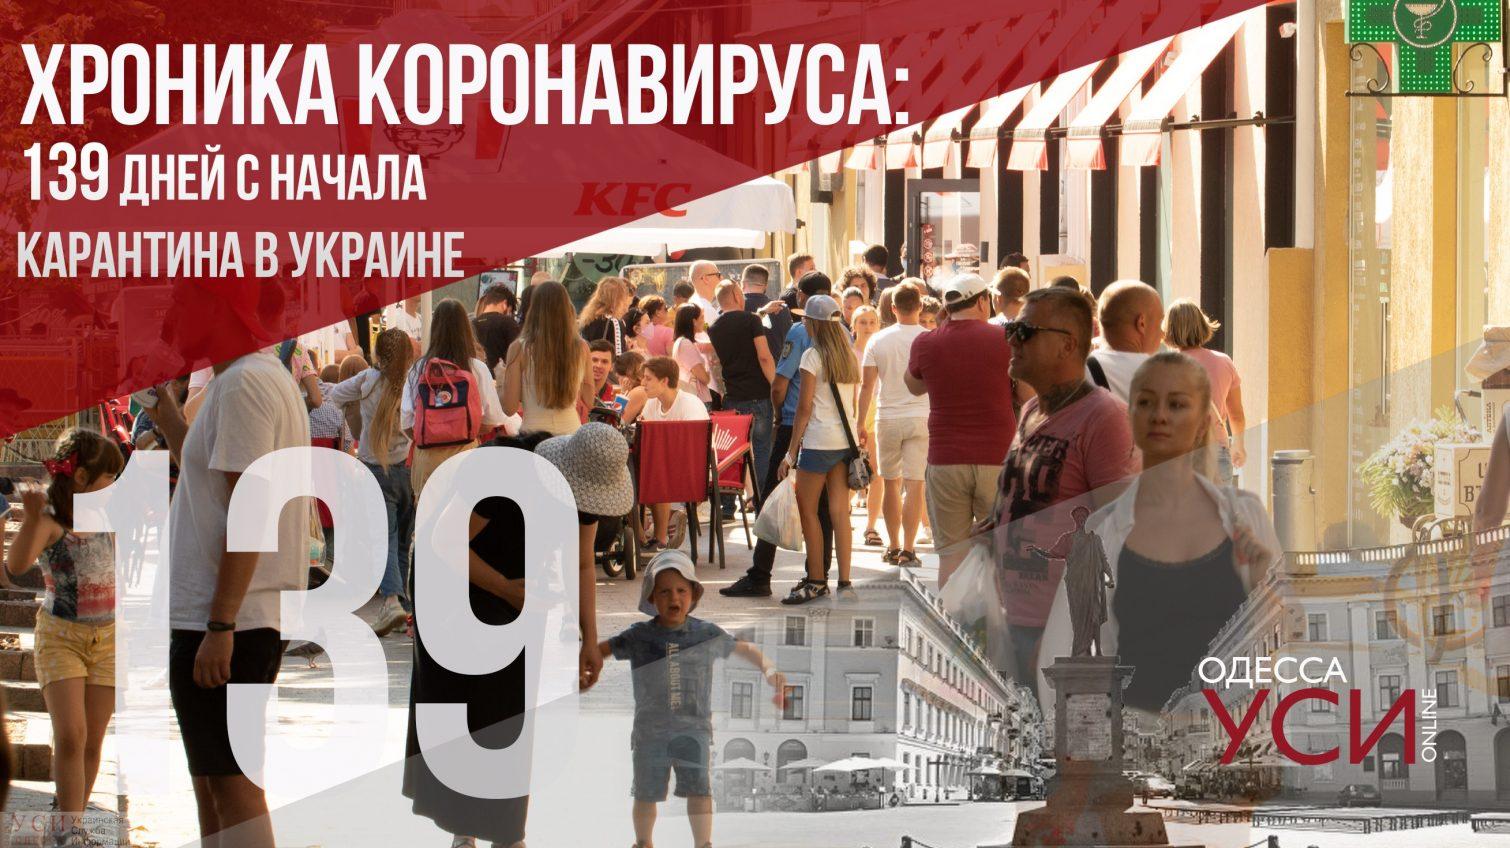 Хроника коронавируса: 139 дней с начала карантина в Украине, новый рост заболеваемости ОБНОВЛЯЕТСЯ «фото»